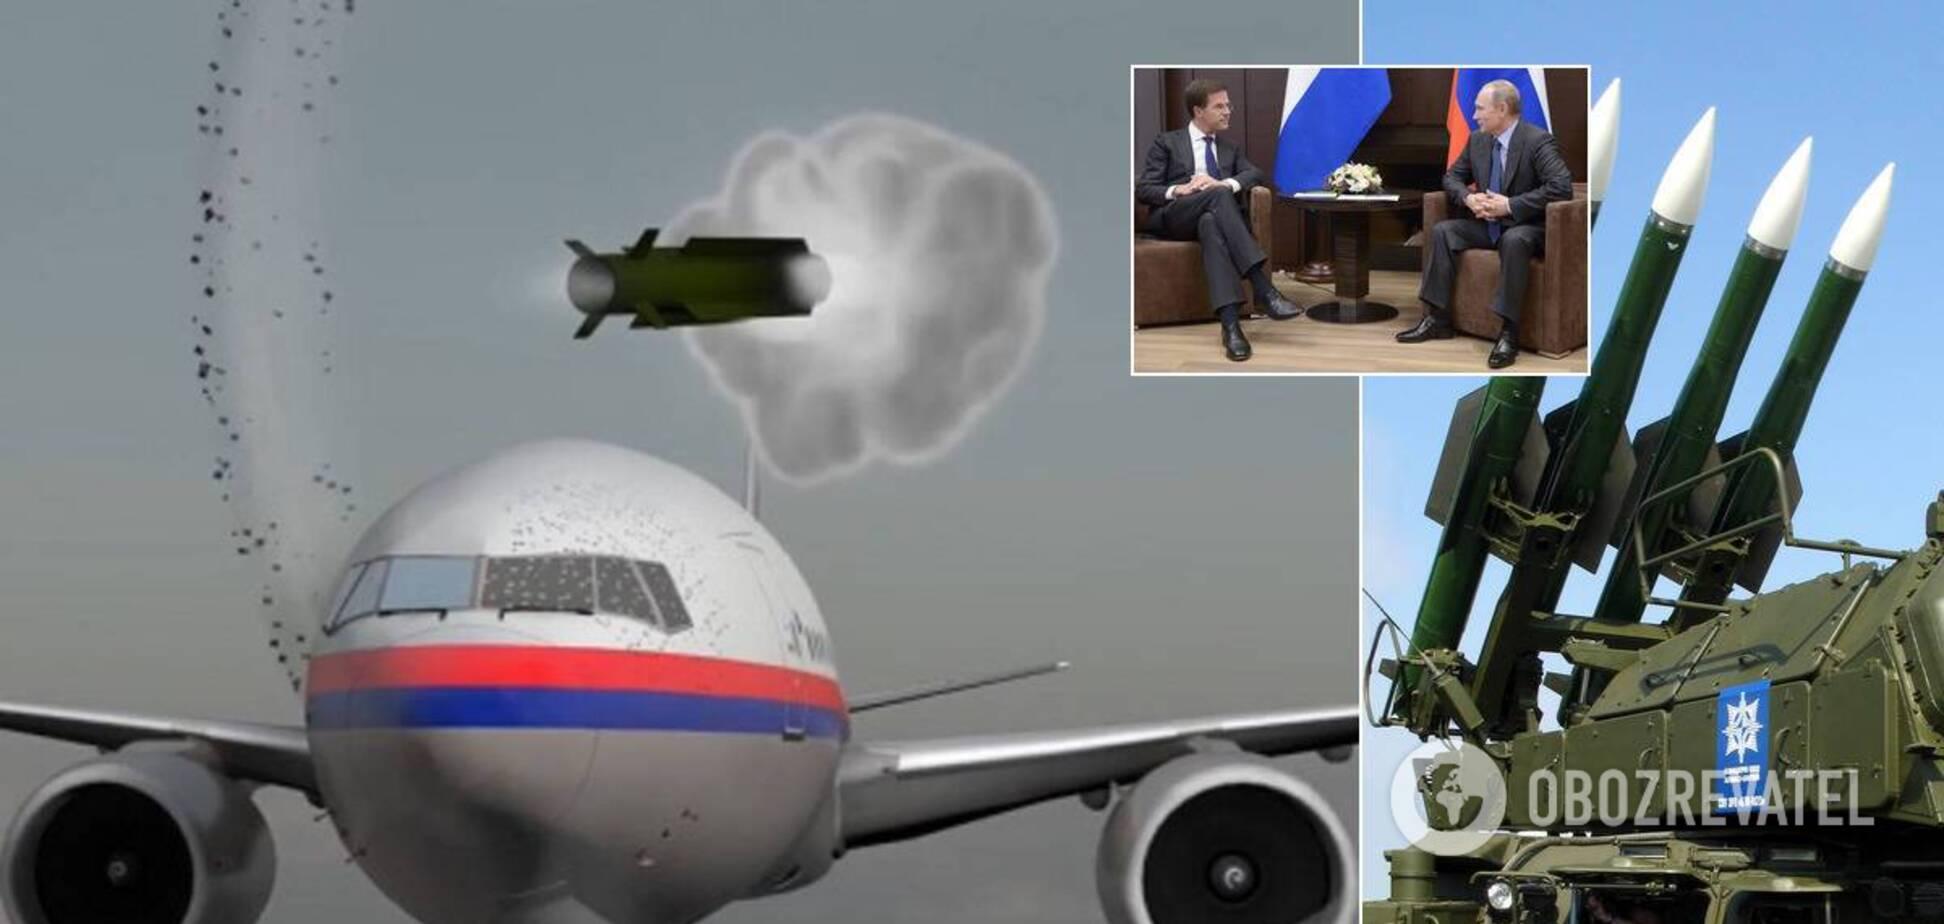 Россия готова платить миллиарды за молчание? Что известно о тайных переговорах по сбитому Boeing на Донбассе